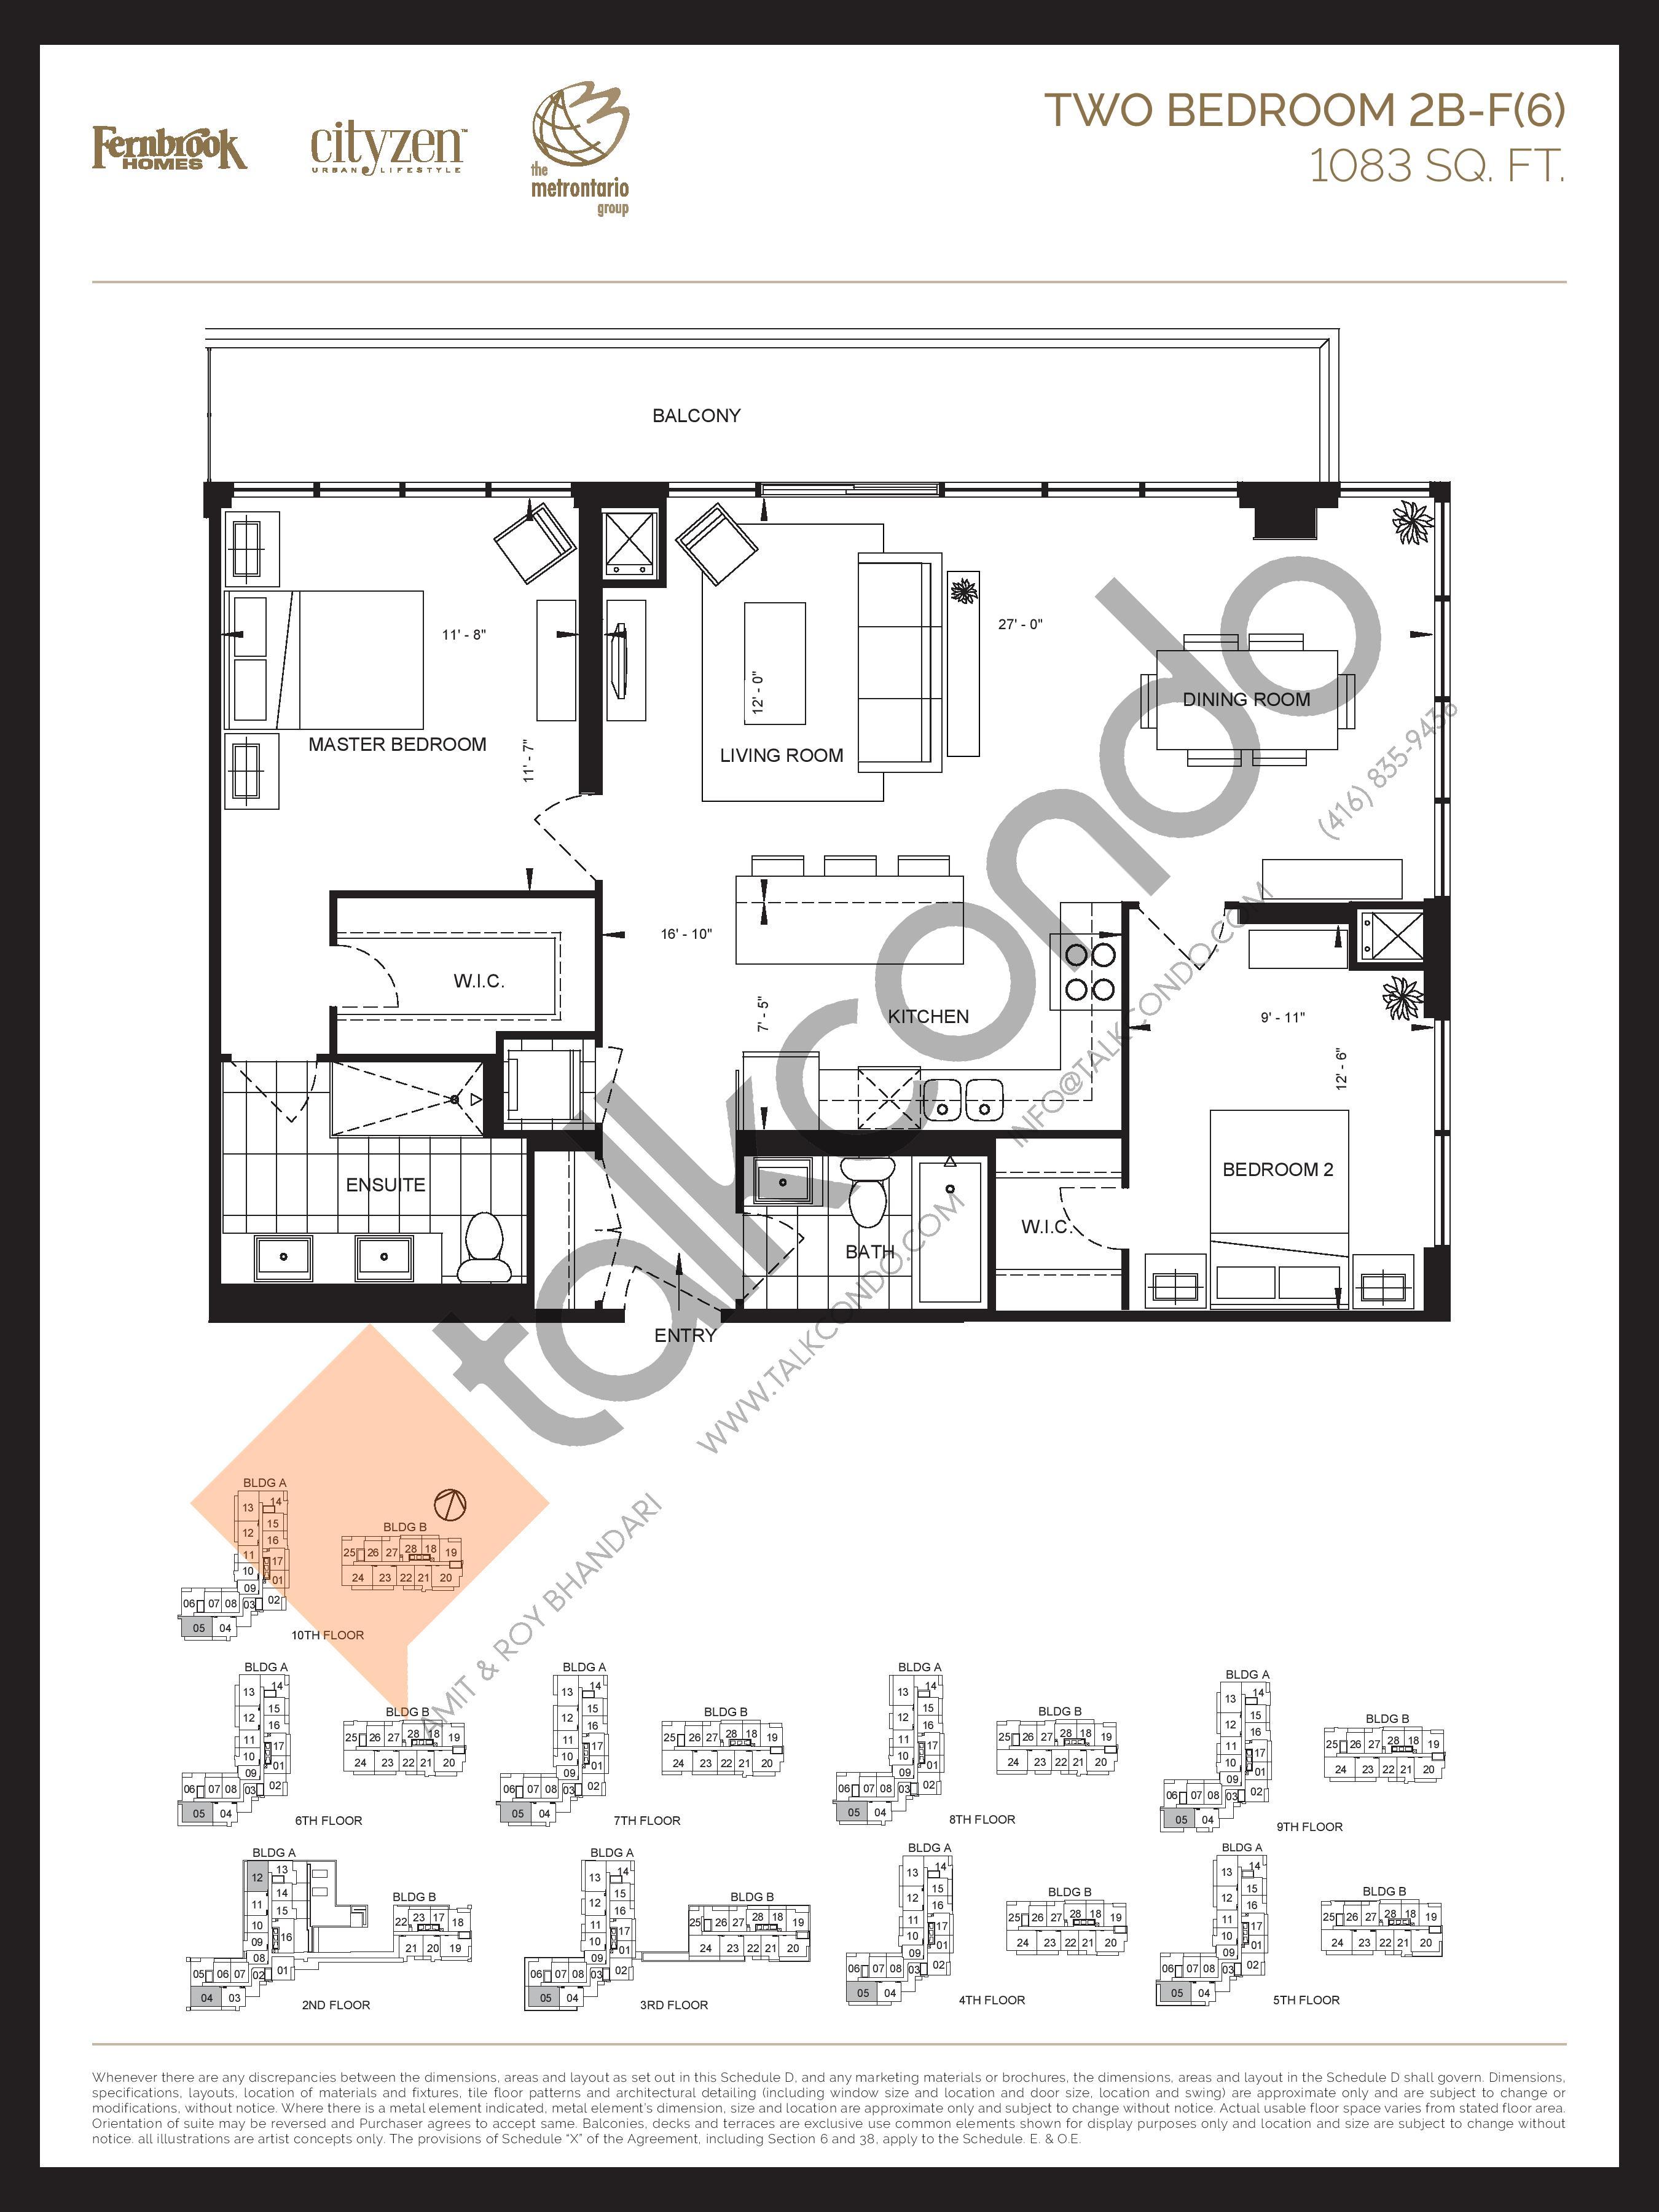 2B-F(6) Floor Plan at D'or Condos - 1083 sq.ft